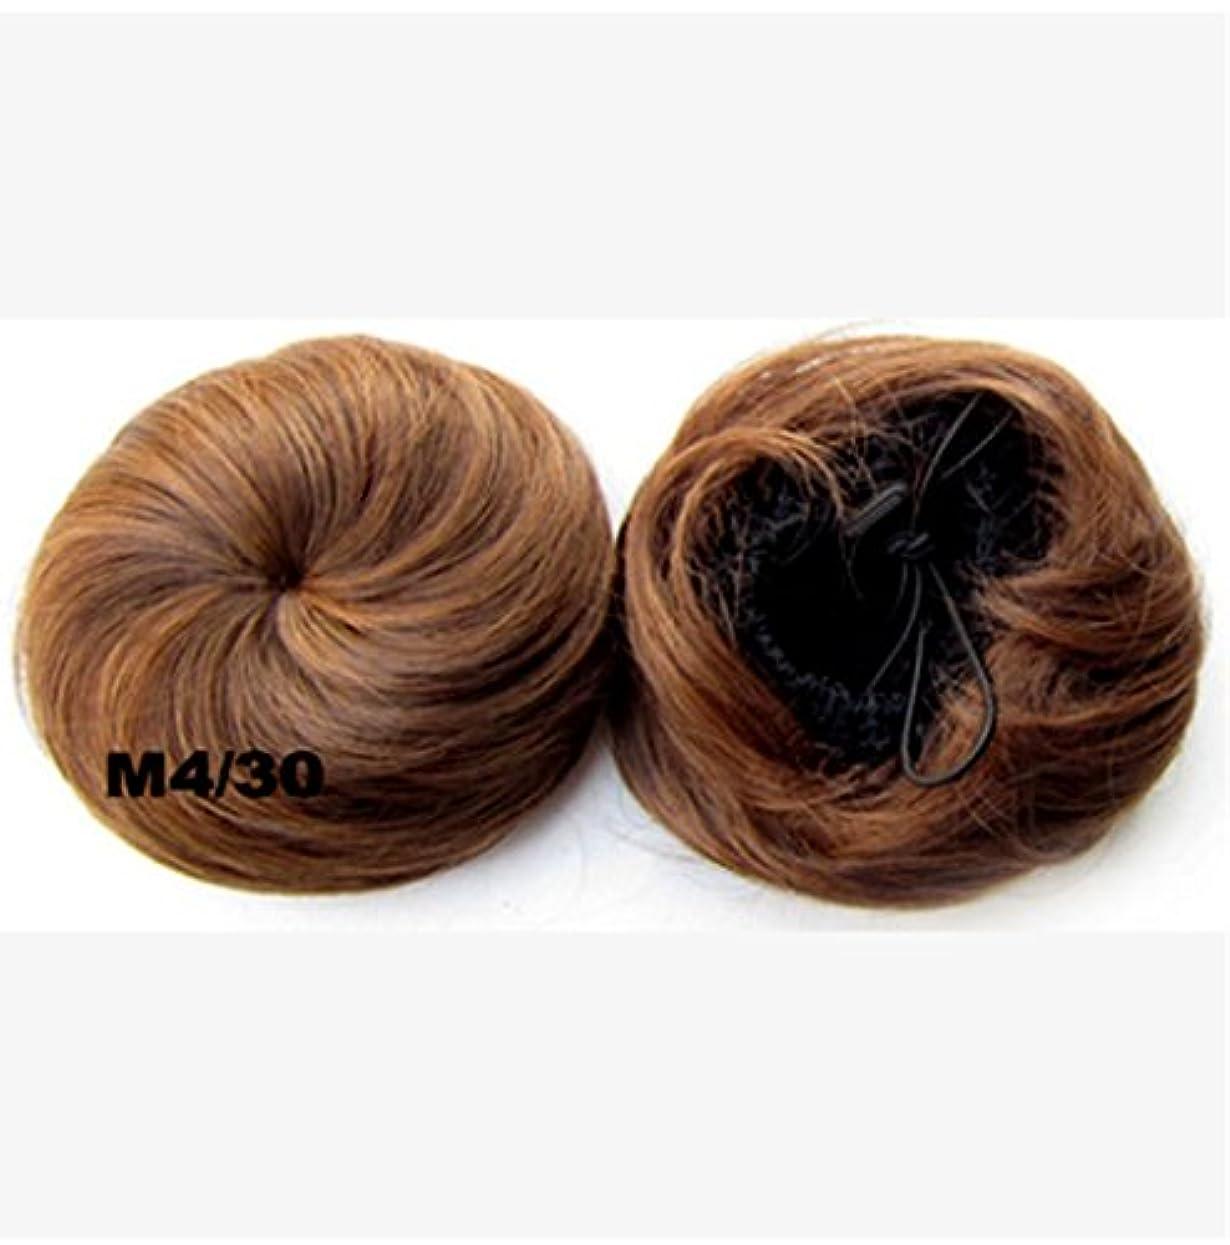 座標気候非常に怒っていますKoloeplf 色の選択の様々なヘアバンの拡張自然な通常のミートボールヘアウィッグとヘアバッグ (Color : 金色)